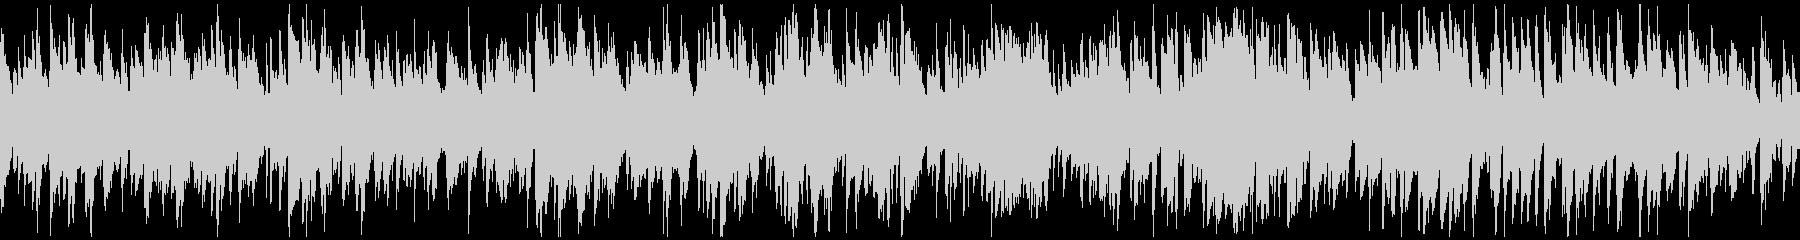 ジャズボサノバ、素敵なサックス※ループ版の未再生の波形